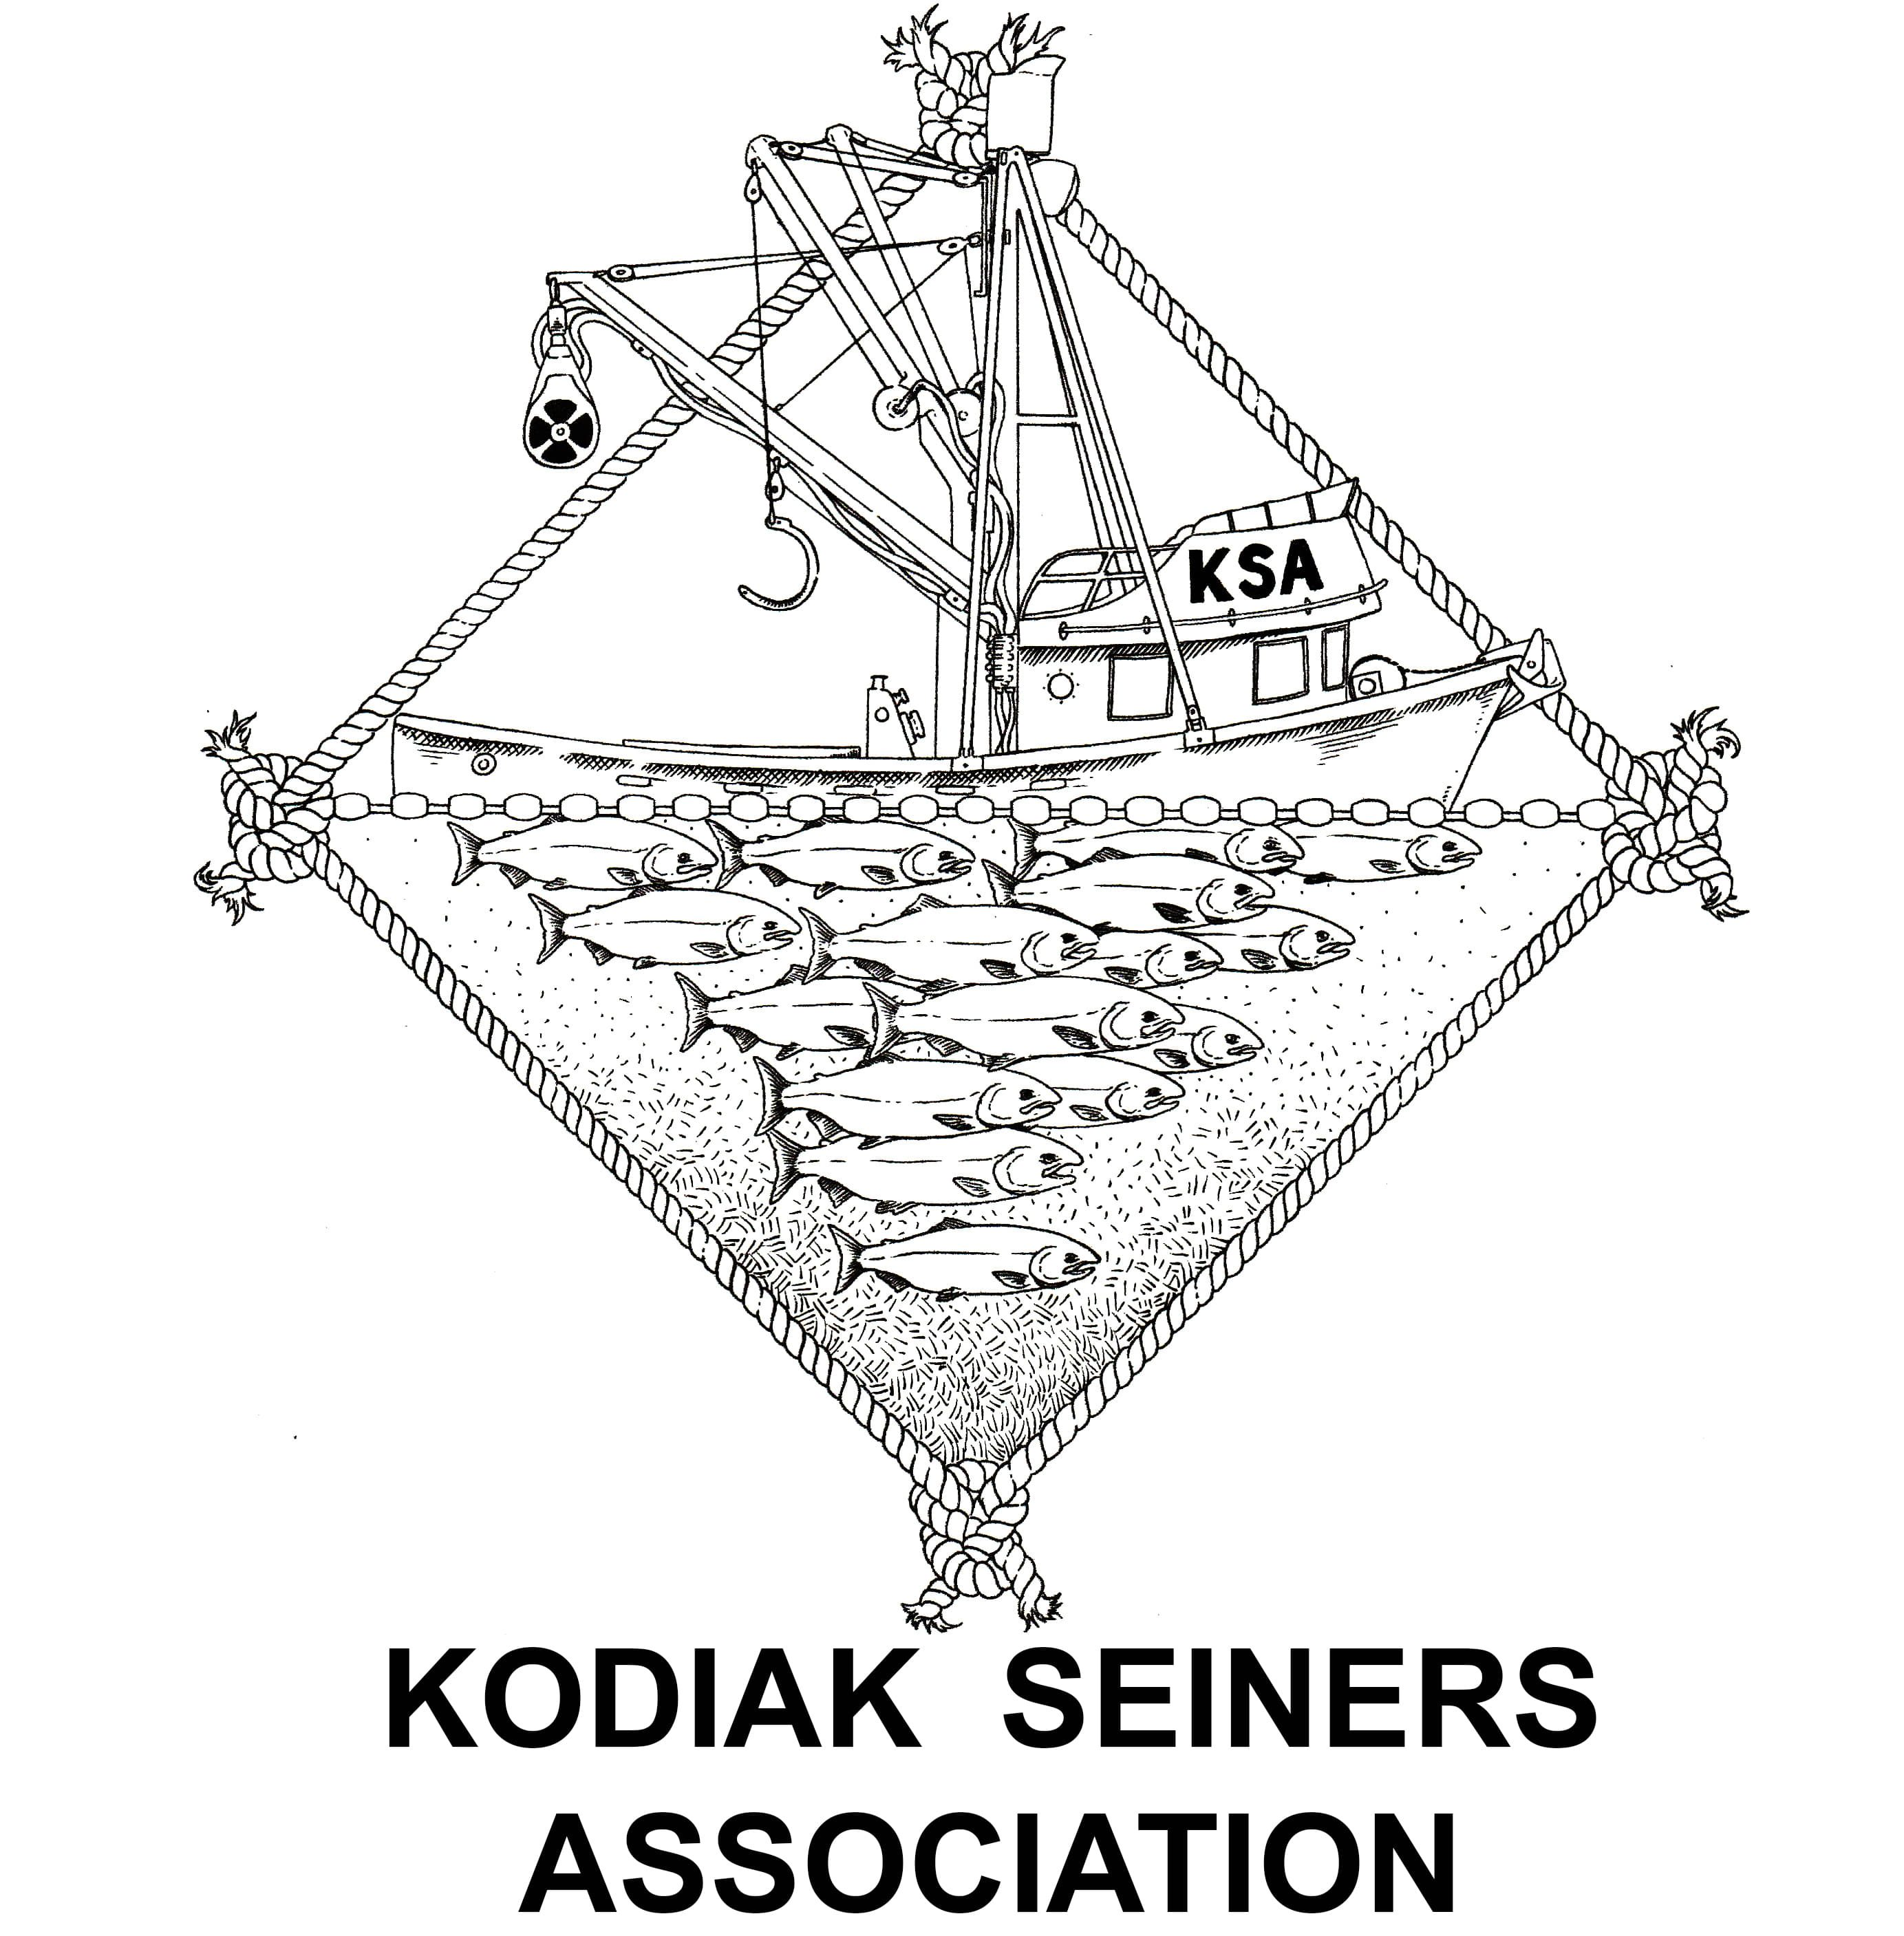 Kodiak Seiners Association